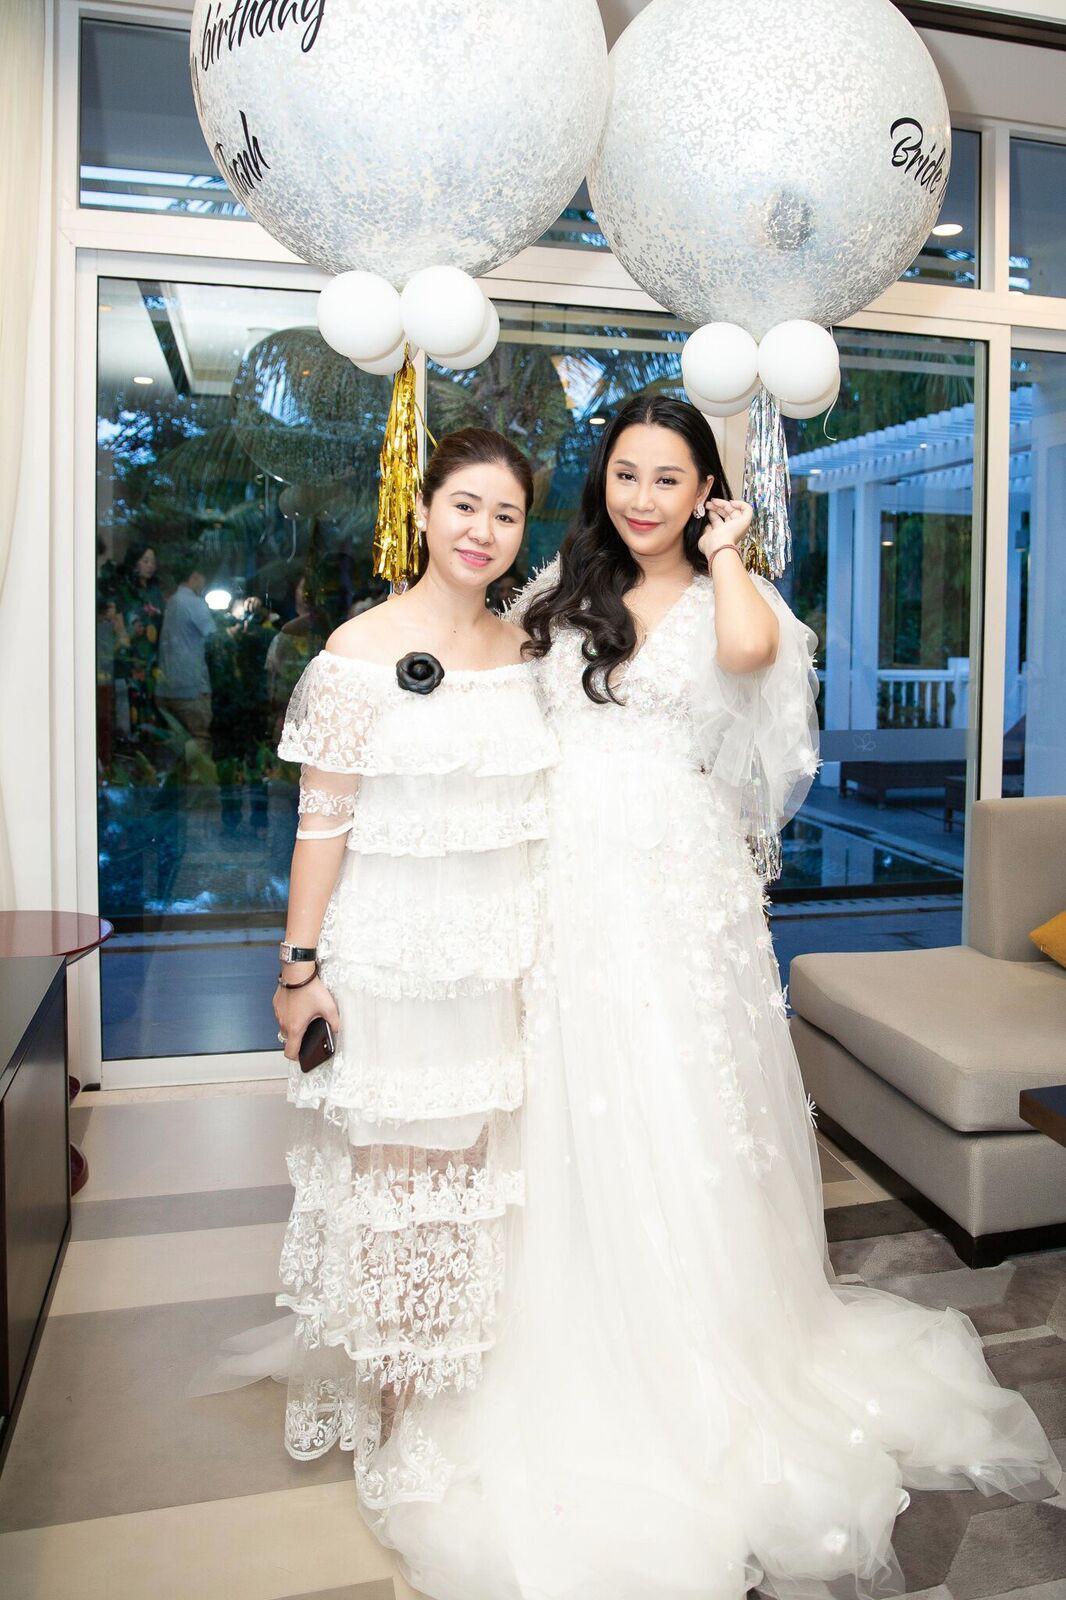 Trước giờ G cử hành hôn lễ, nhà văn Gào chia sẻ những hình ảnh về tiệc chia tay thời độc thân cùng dàn phù dâu xinh đẹp - Ảnh 10.